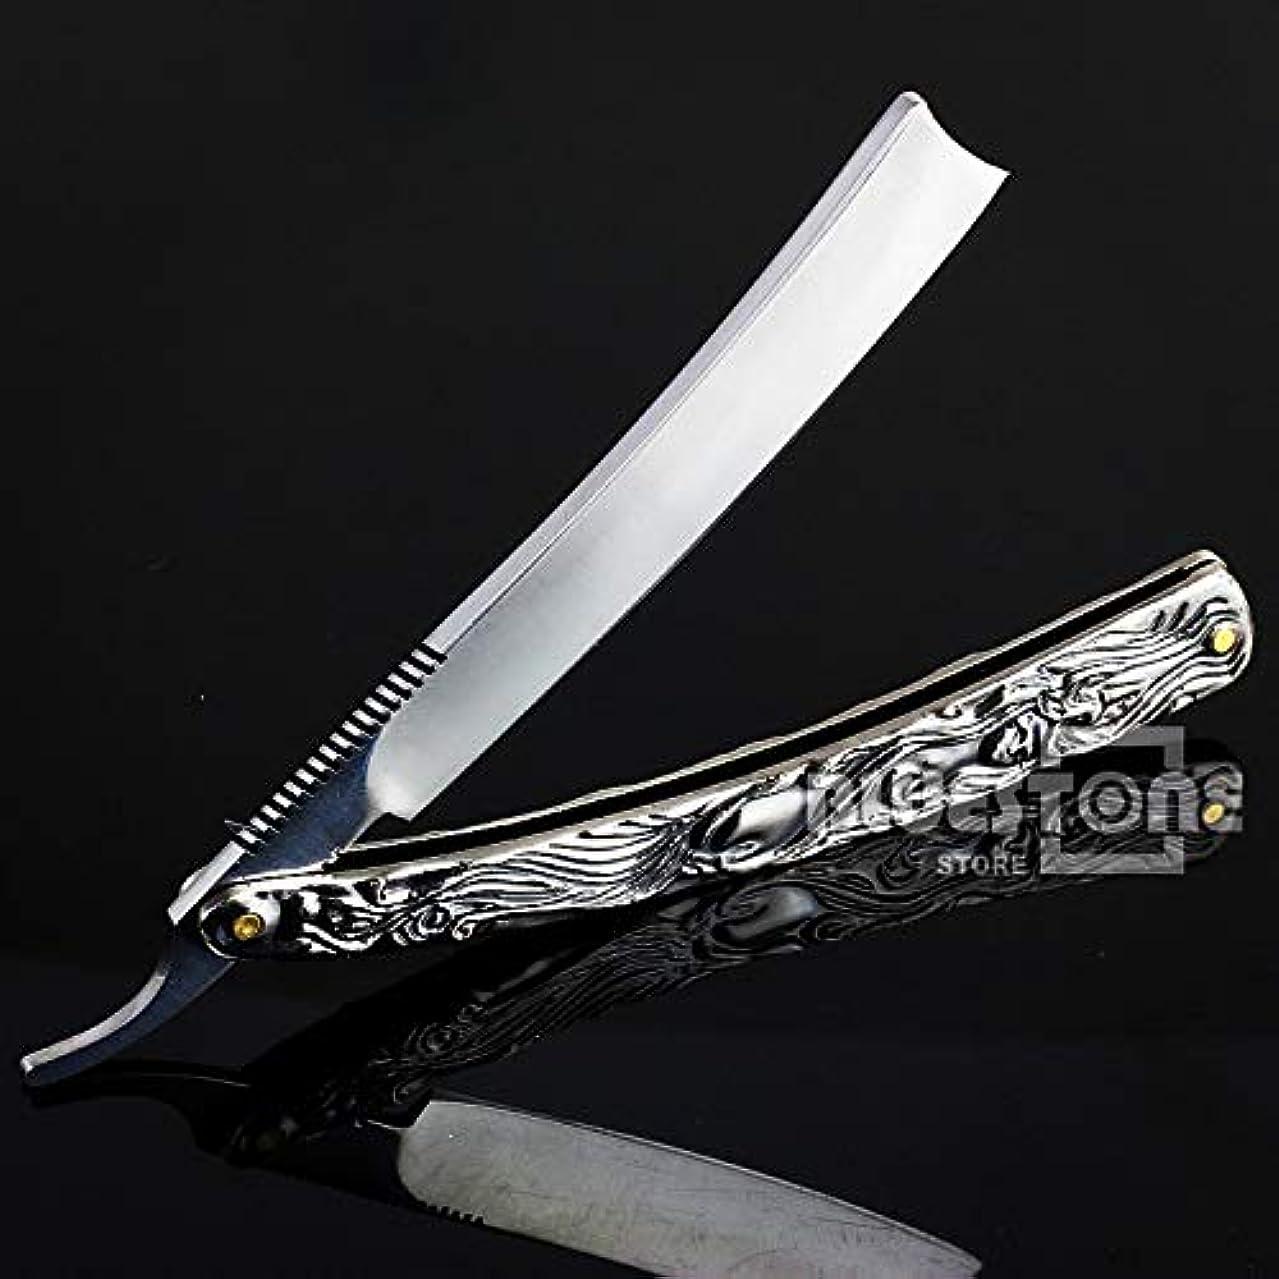 廃止する成り立つ後Klaxiaz - 高品質ヴィンテージアルミストレートエッジステンレススチールシェイパー理容カミソリ折りたたみシェービングナイフ